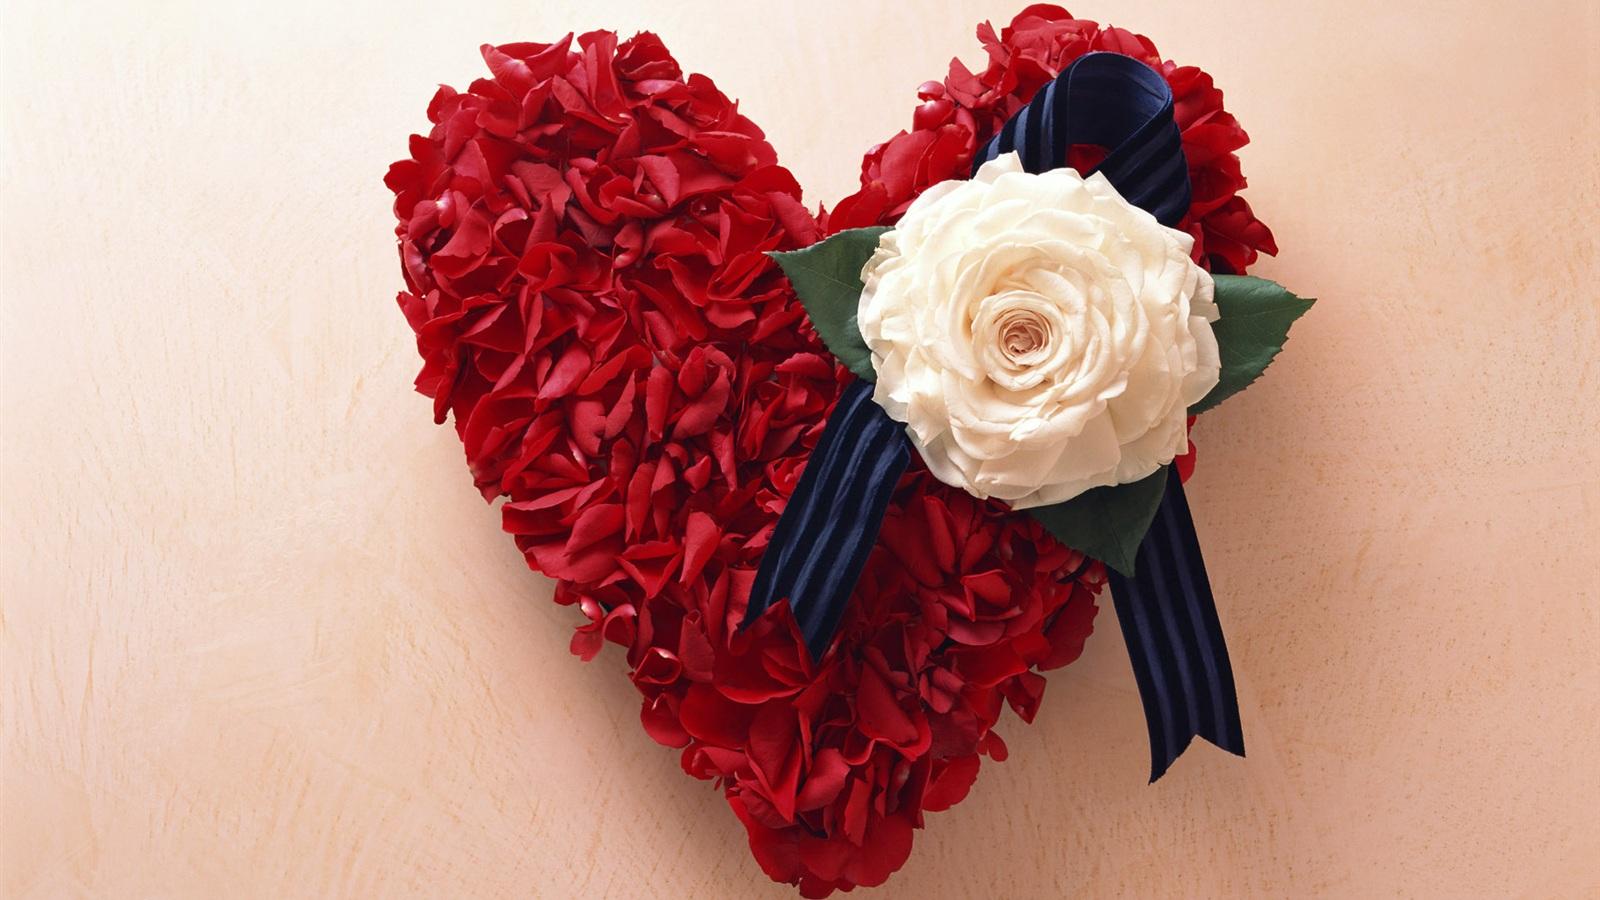 http://best-wallpaper.net/wallpaper/1600x900/1109/Rose-Love-Heart_1600x900.jpg